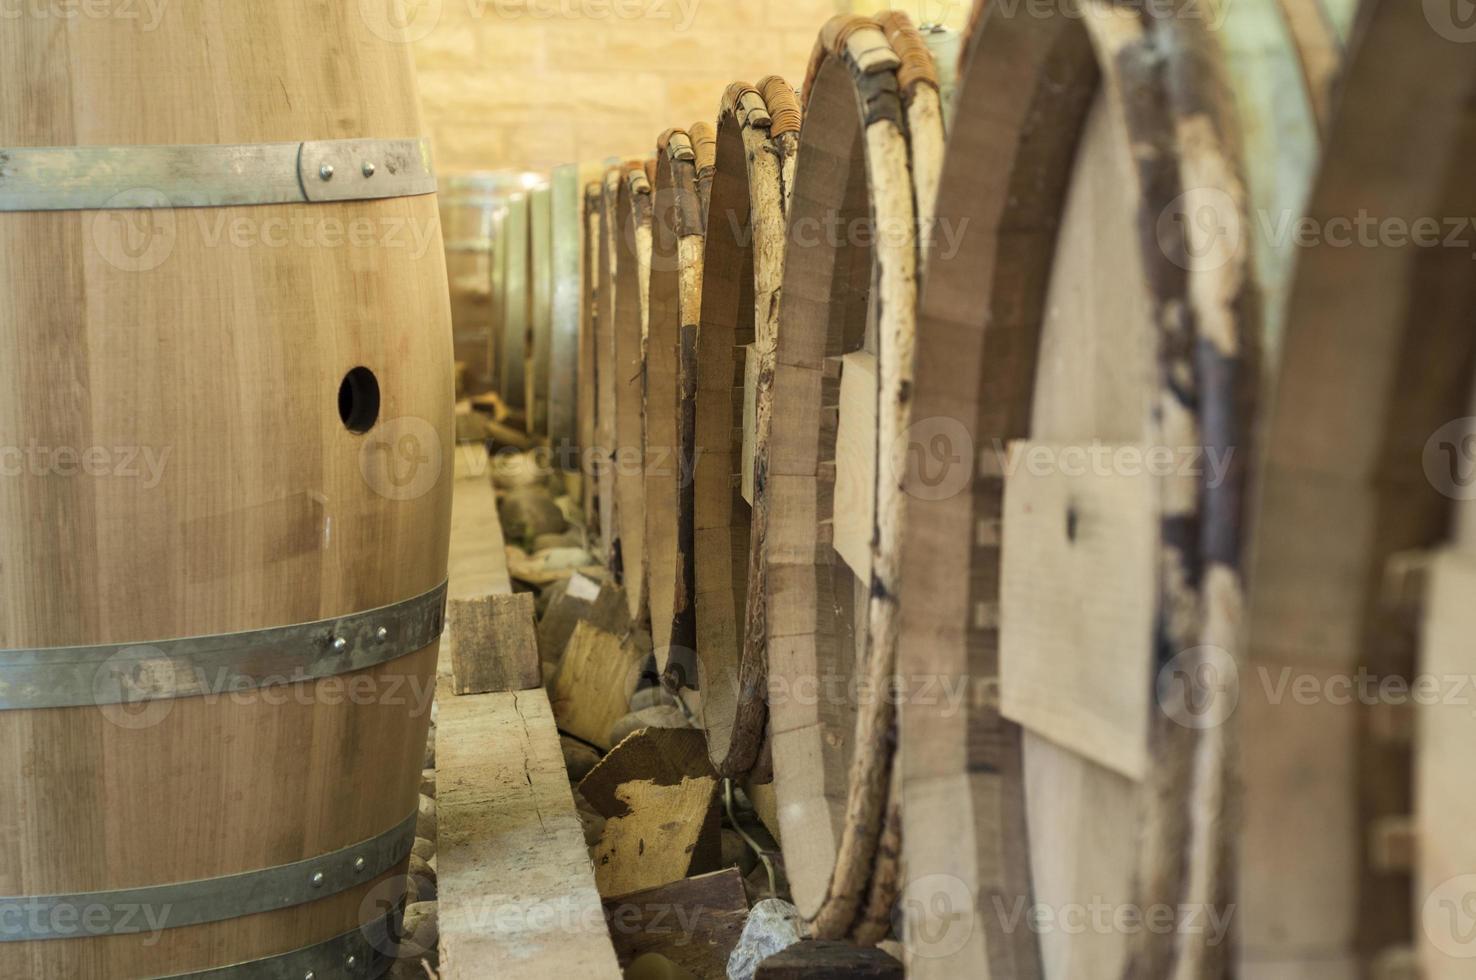 barris de vinho de madeira foto